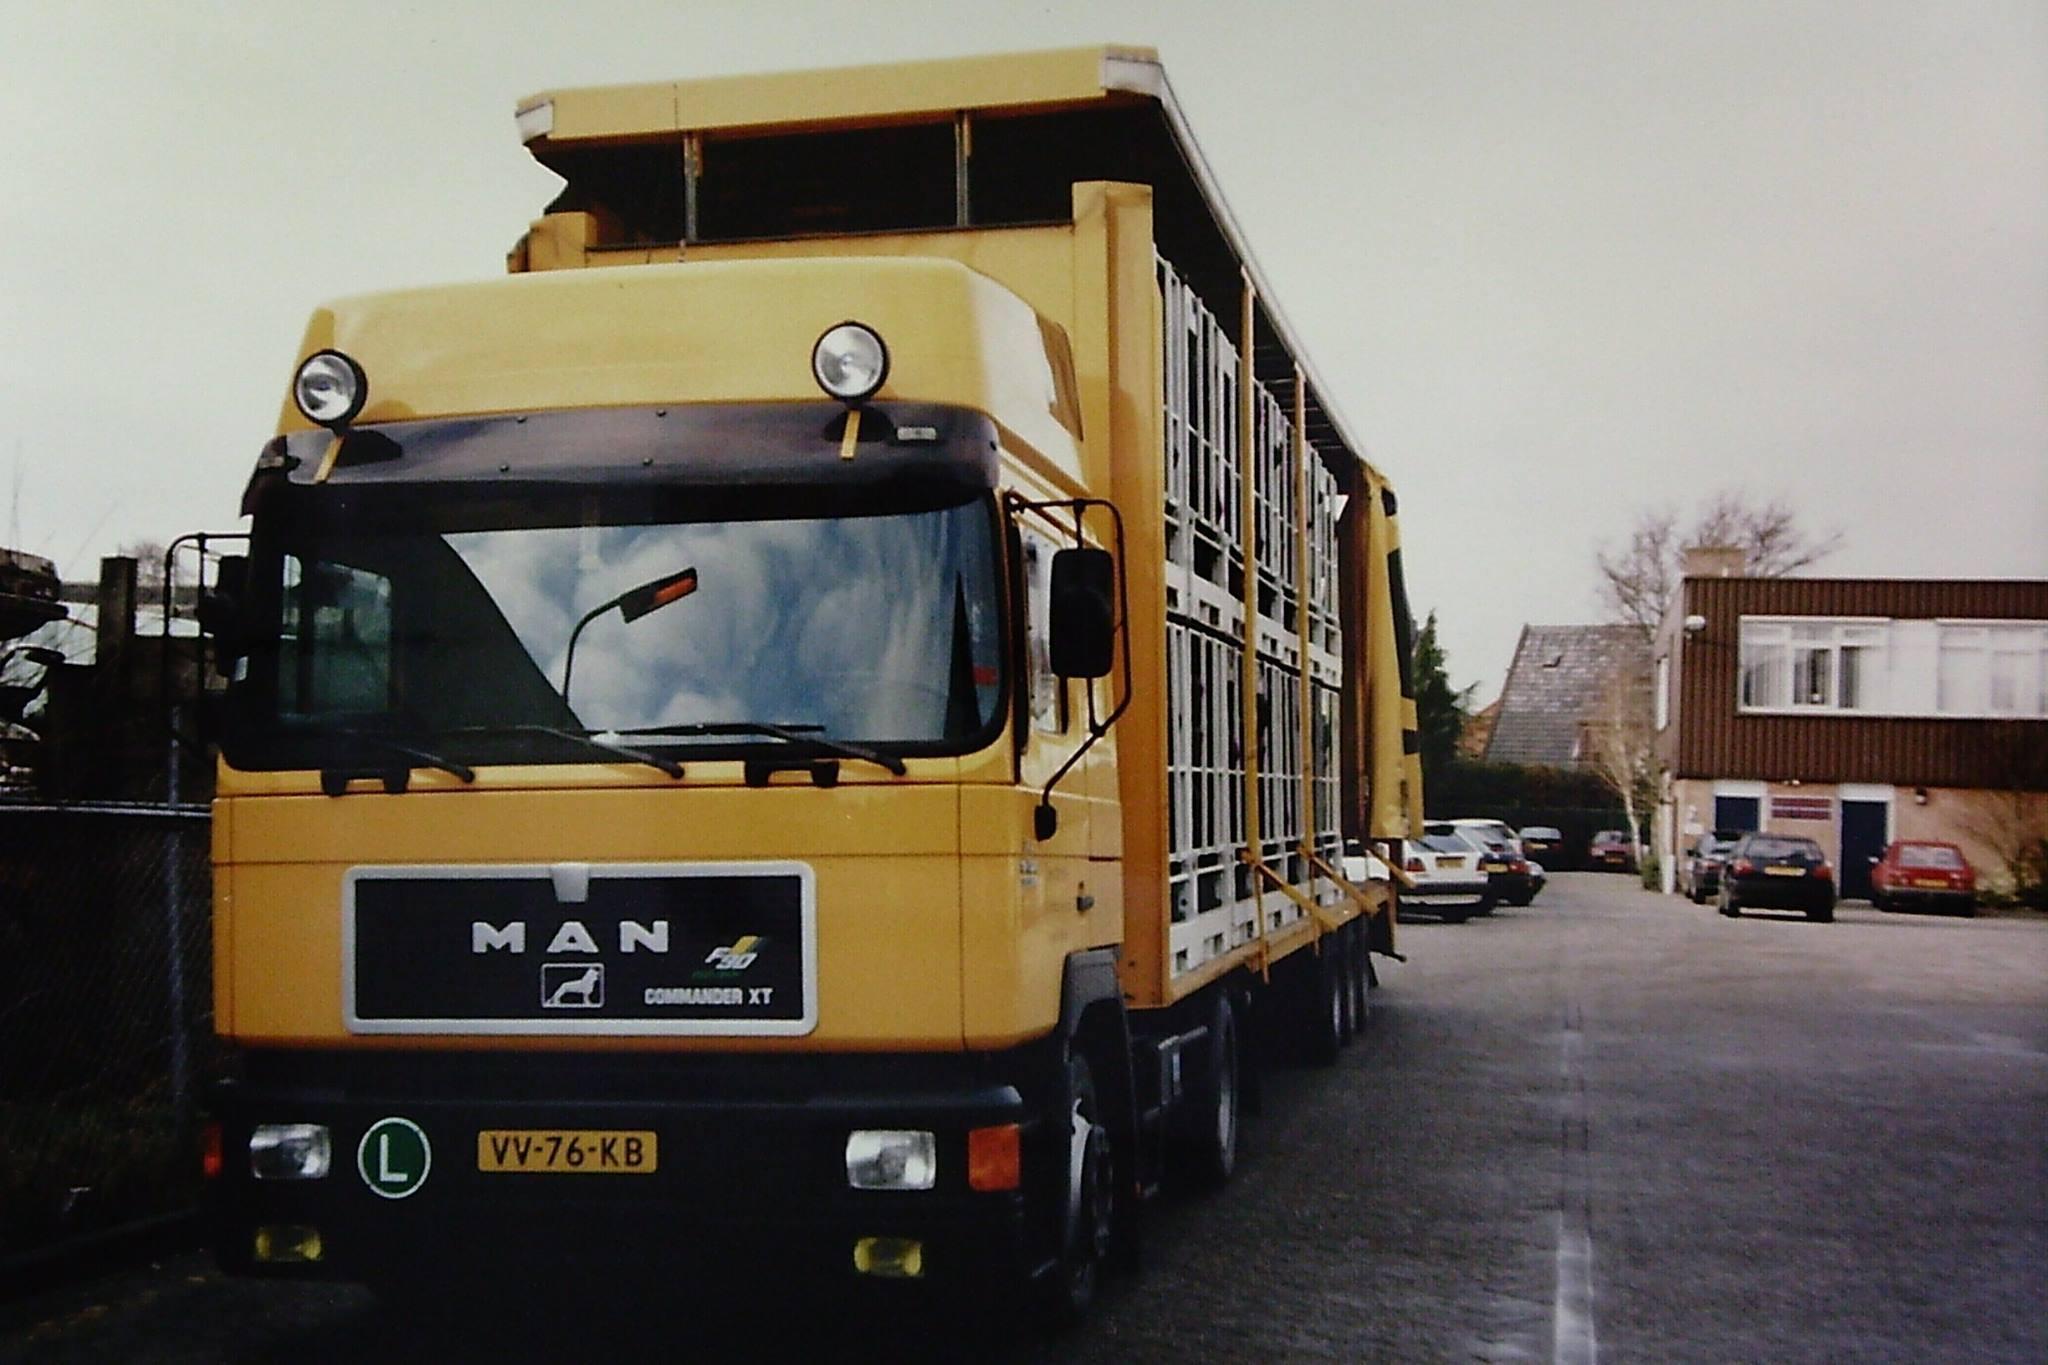 MAN-Karkassen-laden--22-KSP-pallets--11-x-2---dak-omhoog-gaat-precies-op-de-Nijverheidsweg-in-Soest--Ron-van-Nieuwenhuizen--